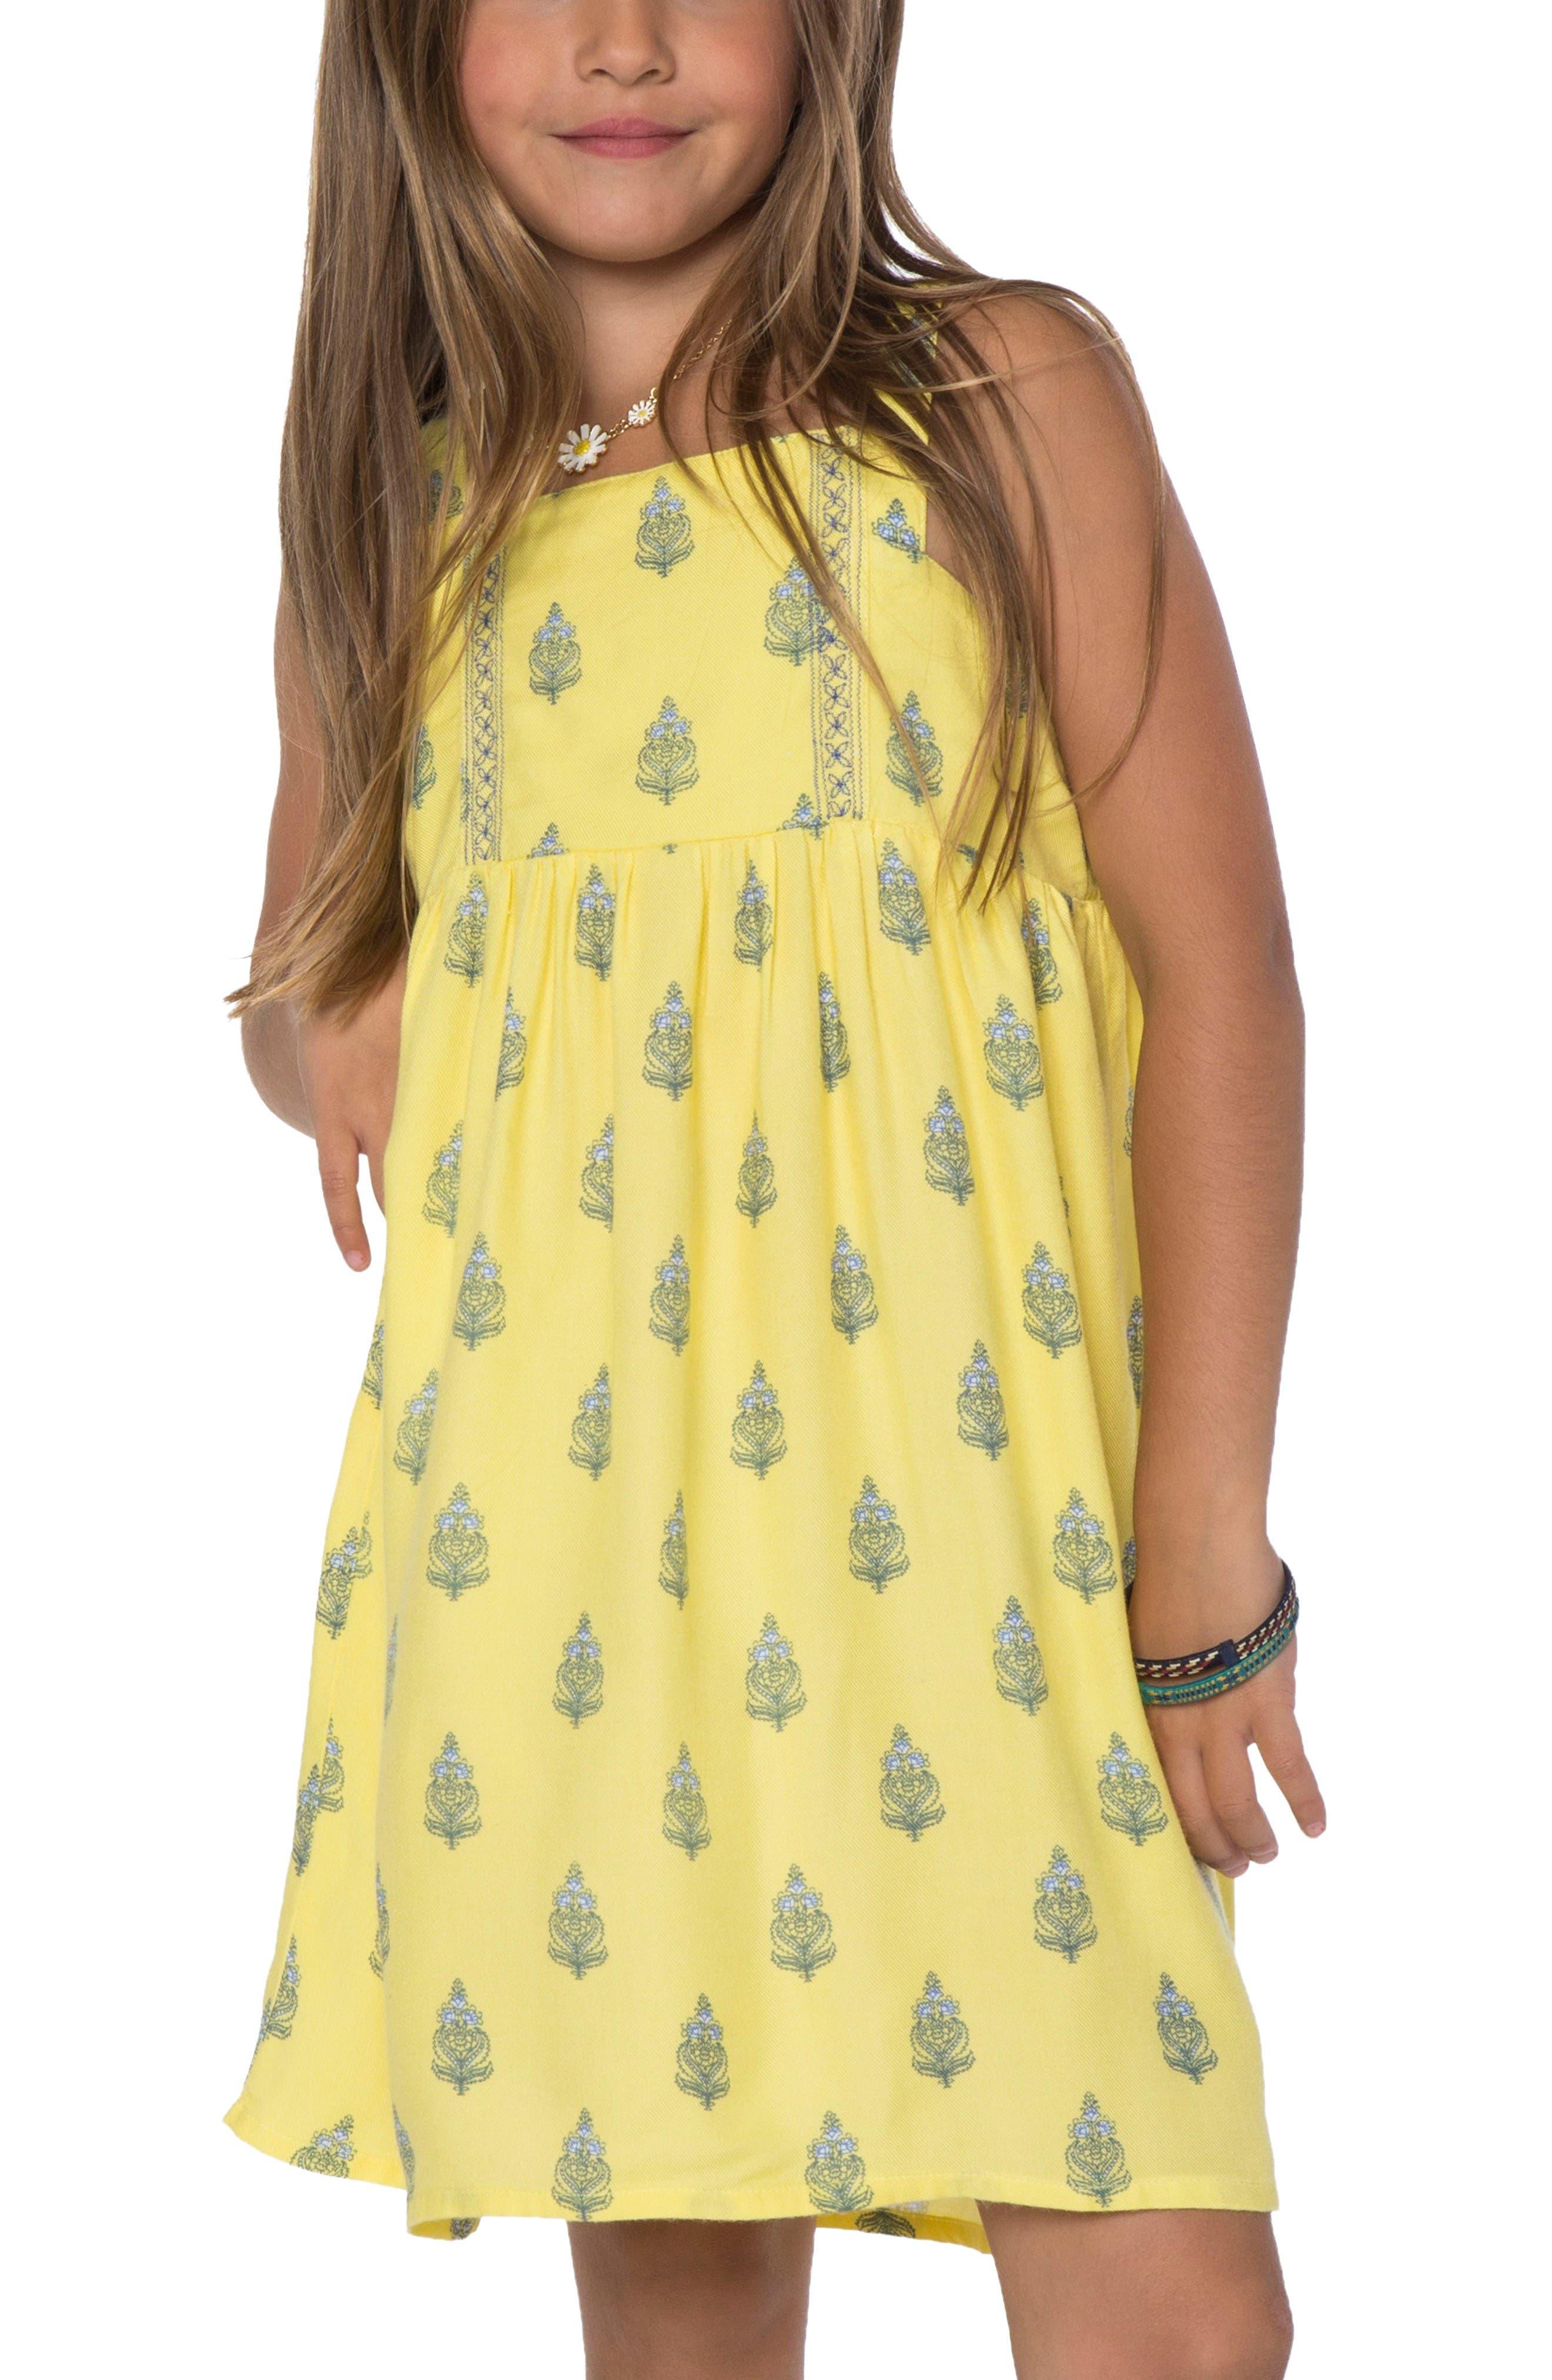 Main Image - O'Neill Ivy Tank Dress (Toddler Girls & Little Girls)